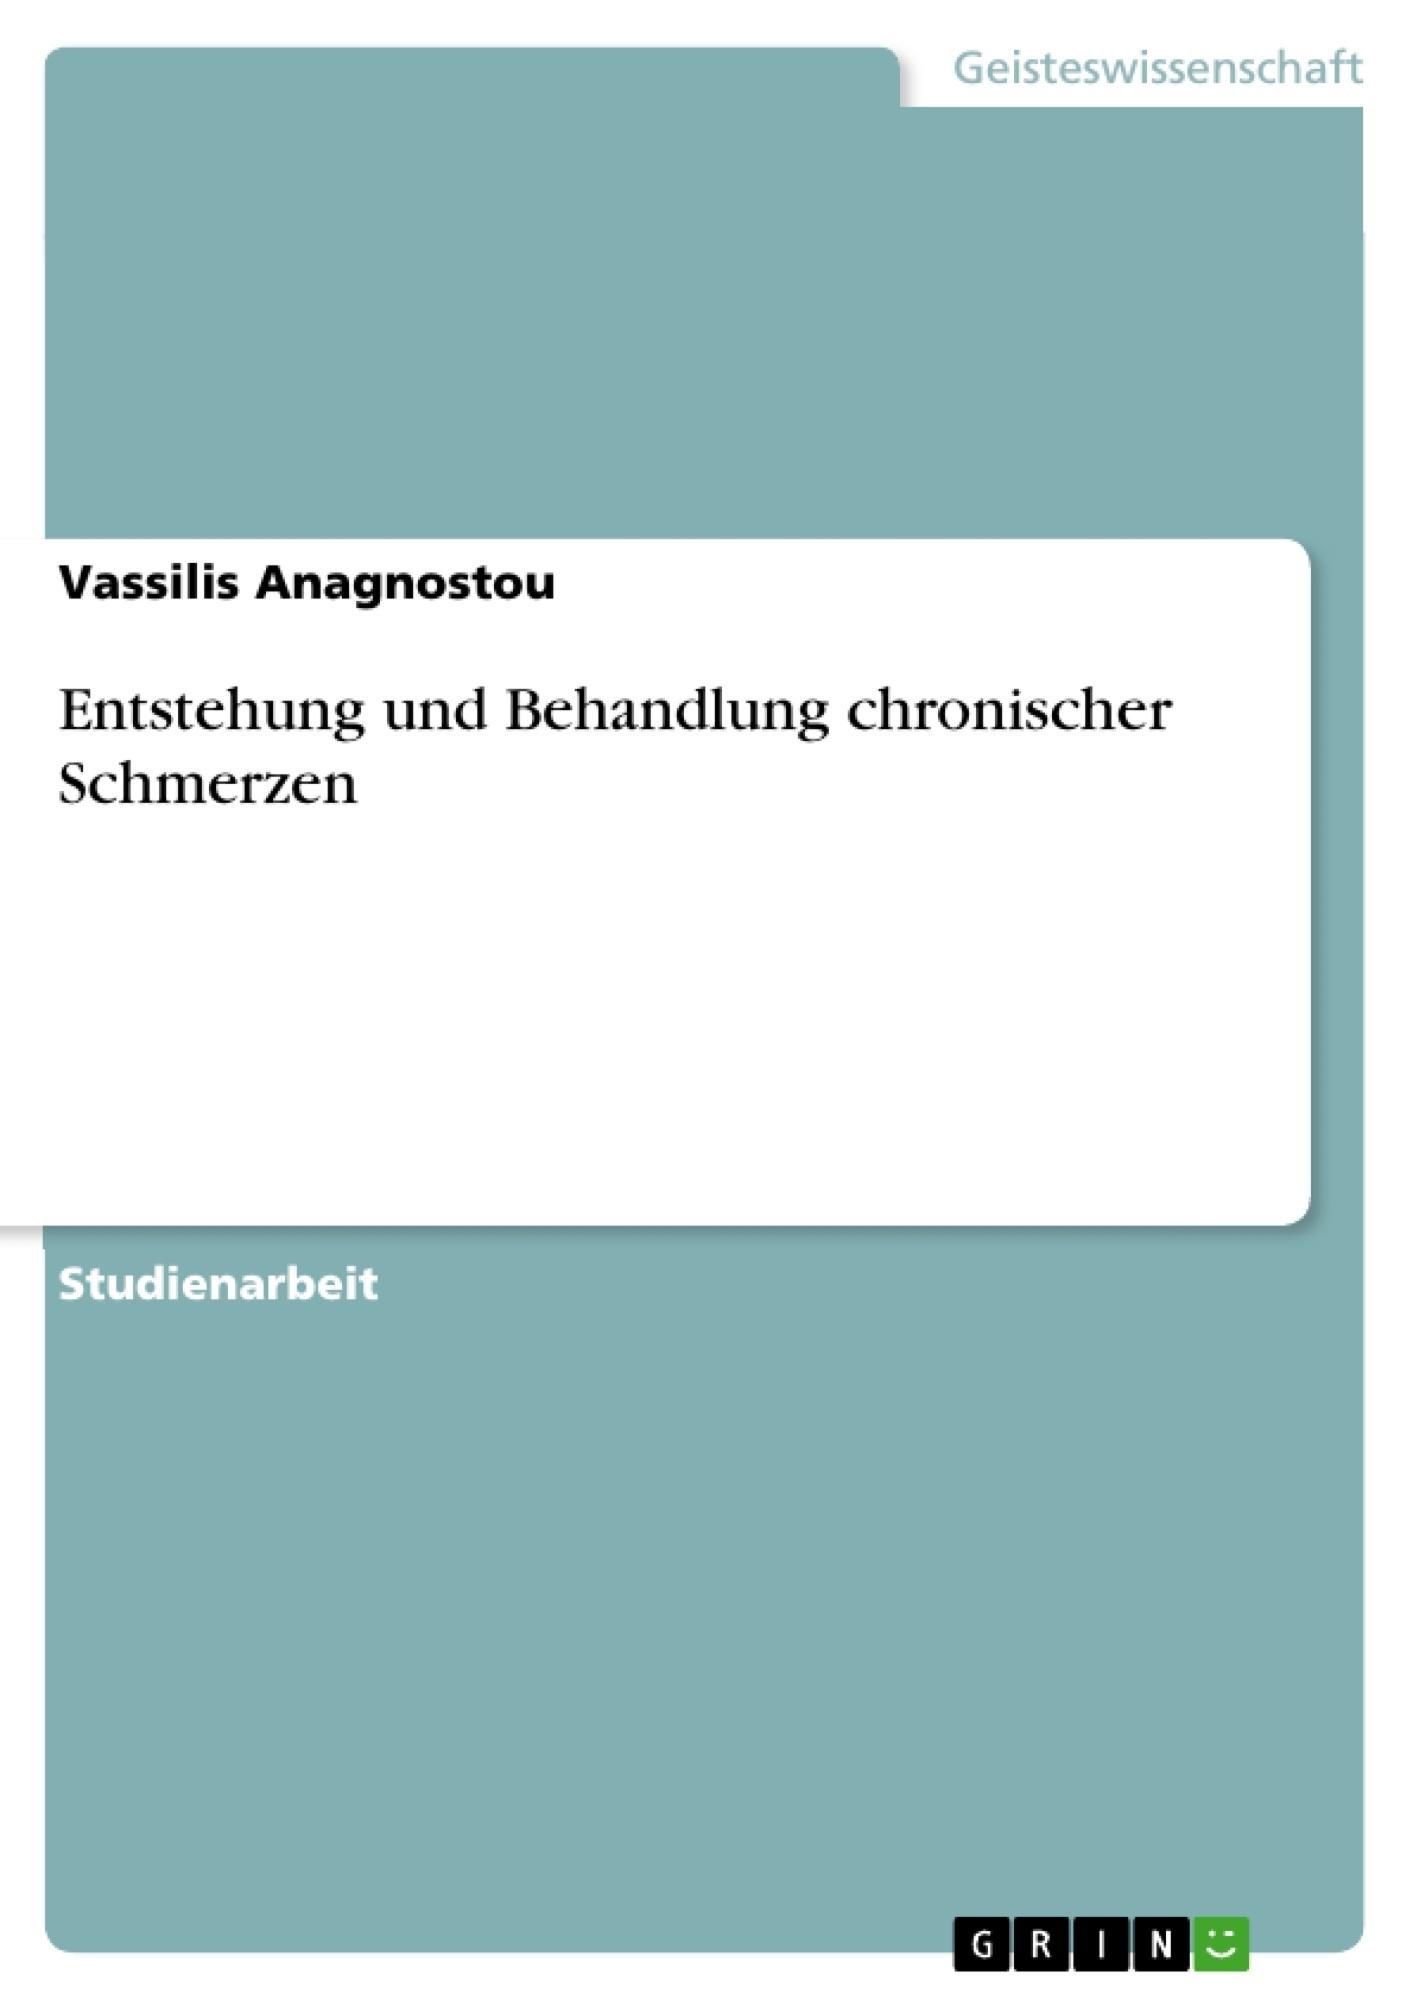 Titel: Entstehung und Behandlung chronischer Schmerzen